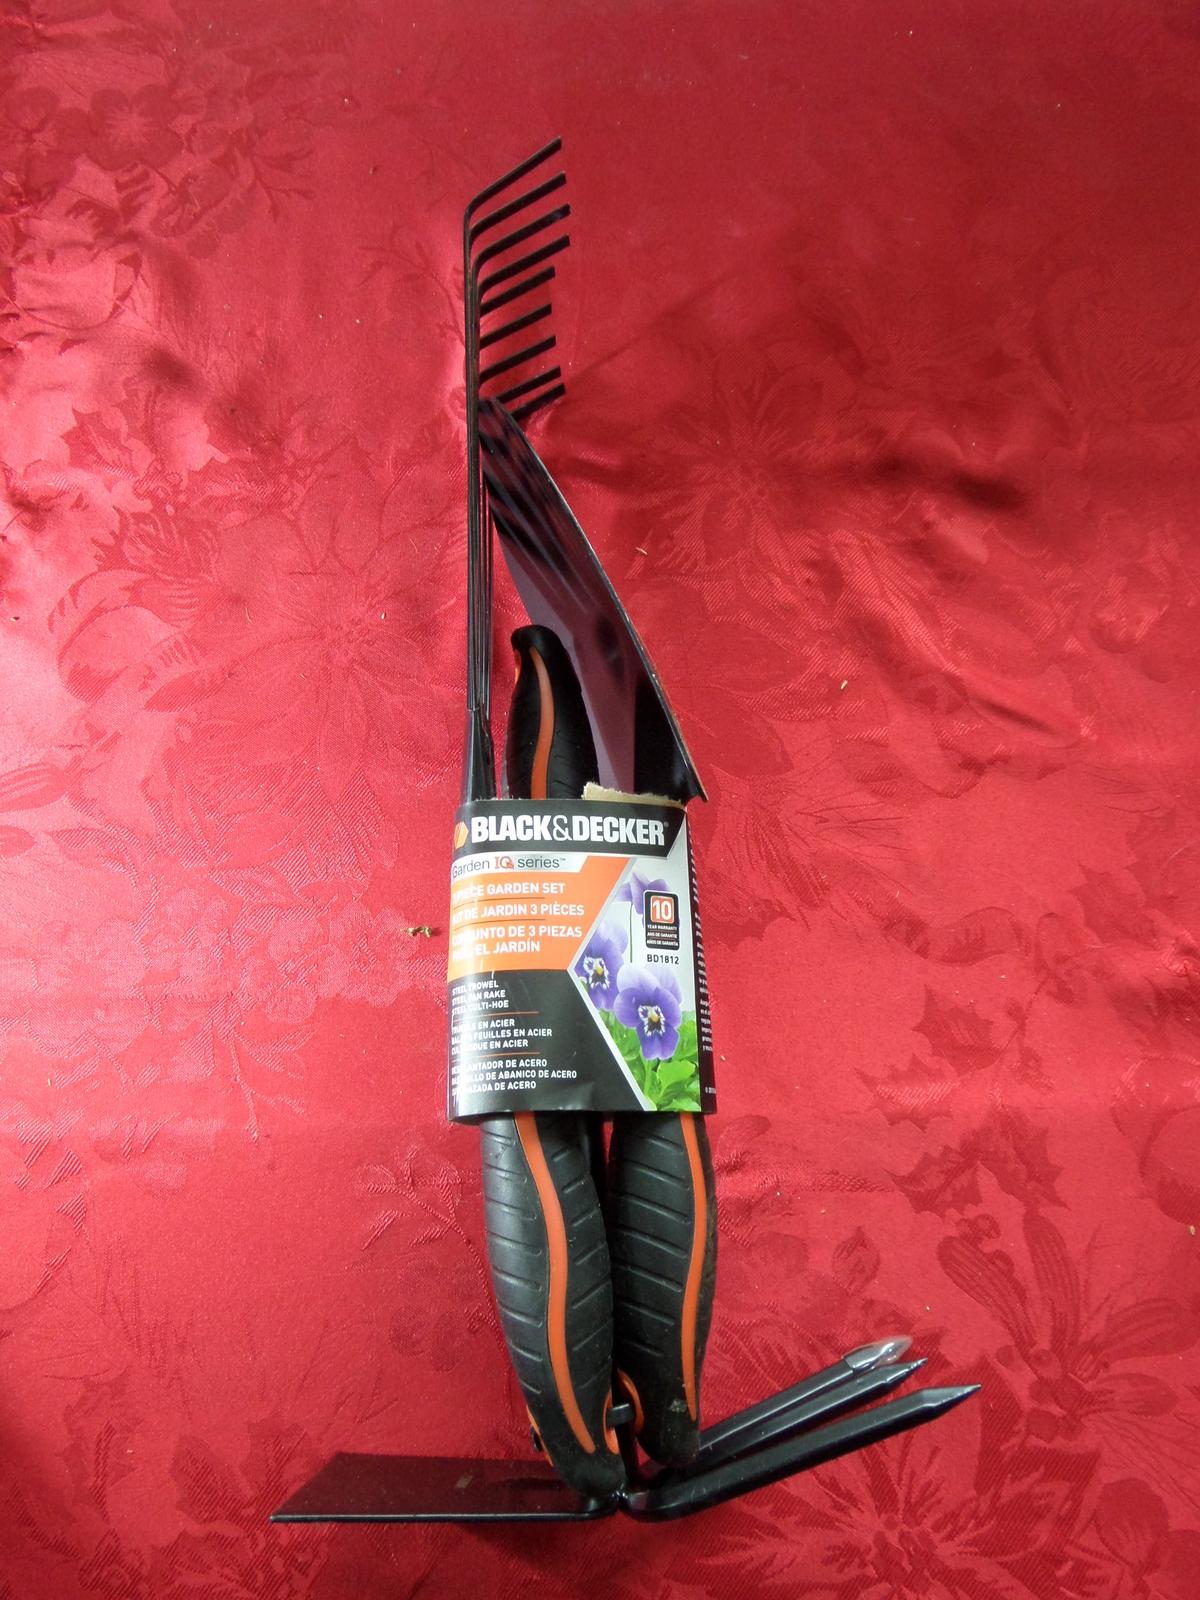 Black and Decker 3 Piece Garden Set Steel Trowel Rake Culti-Hoe Tools Composite